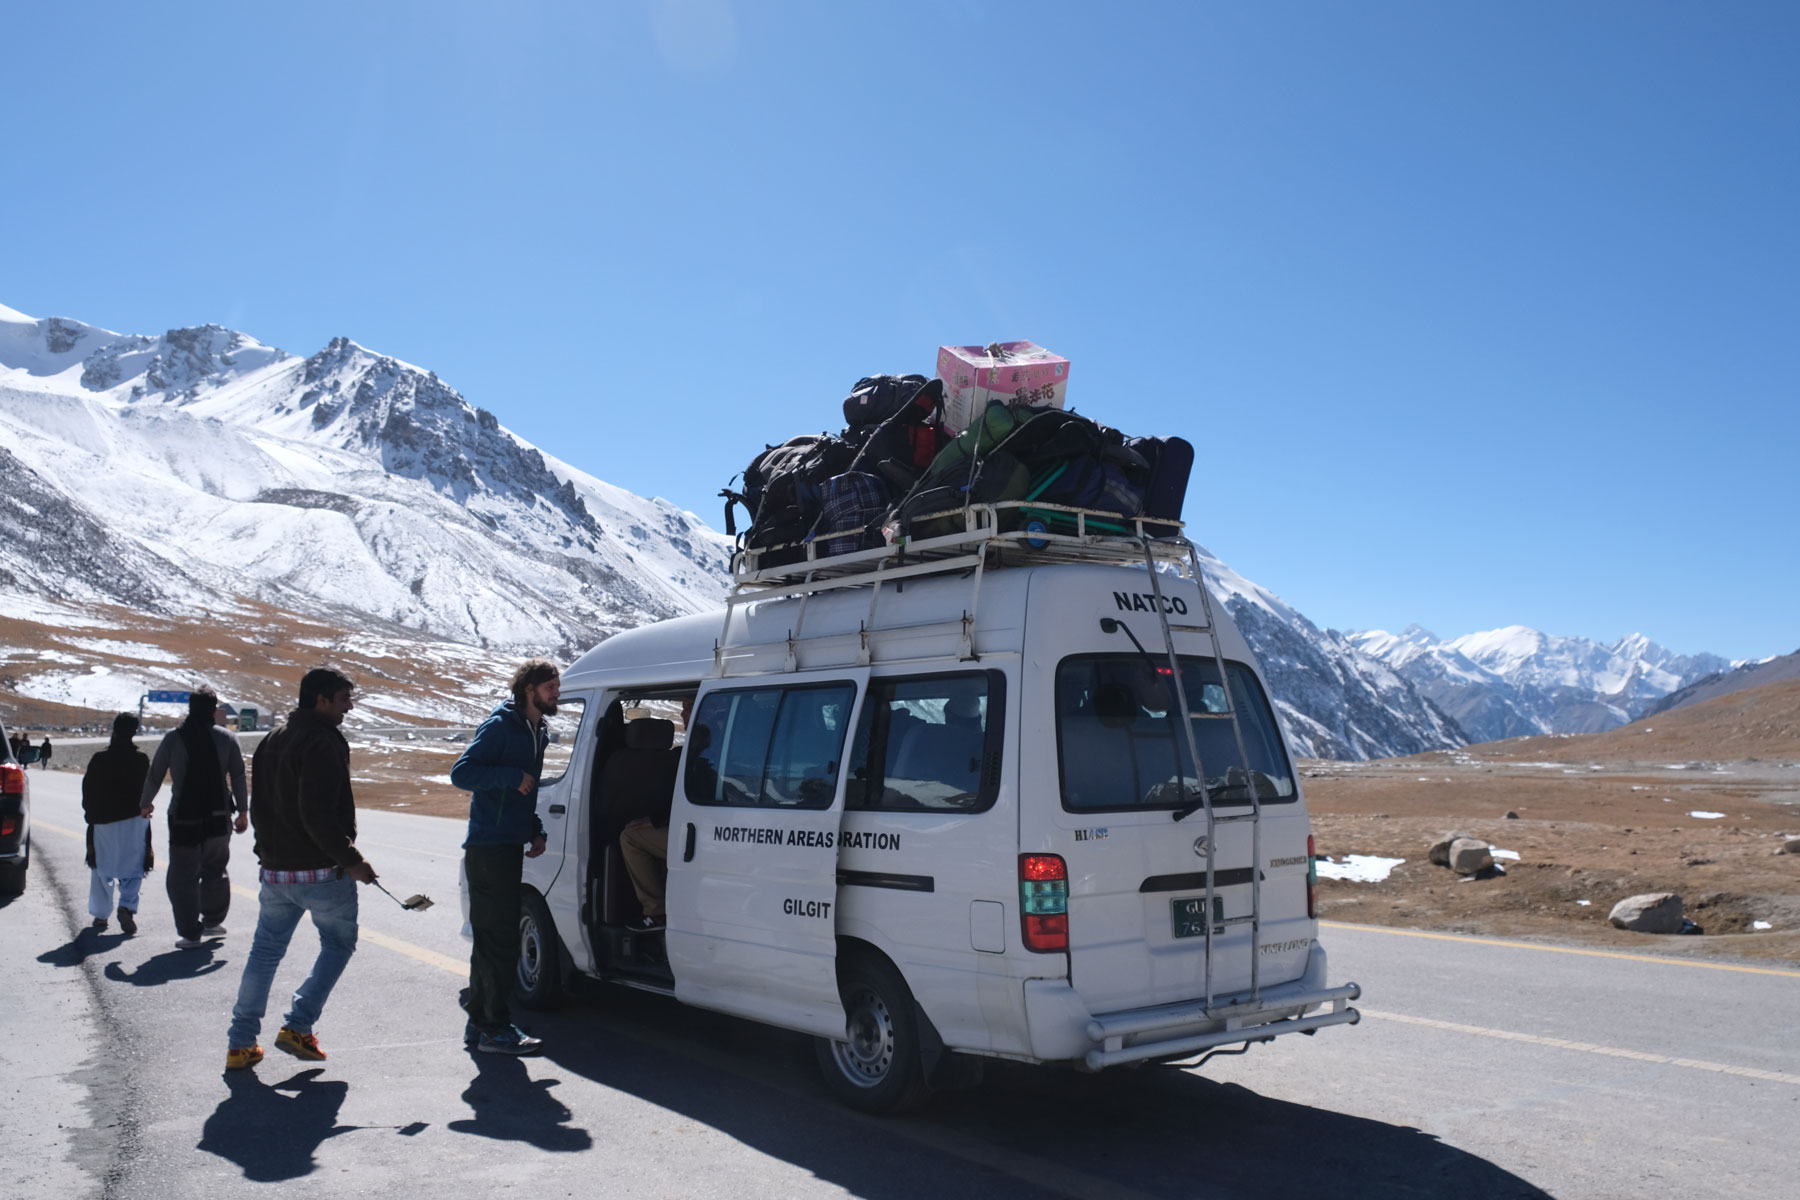 Unser Kleinbus, der uns von Tashkurgan bis ins pakistanische Sost bringen wird